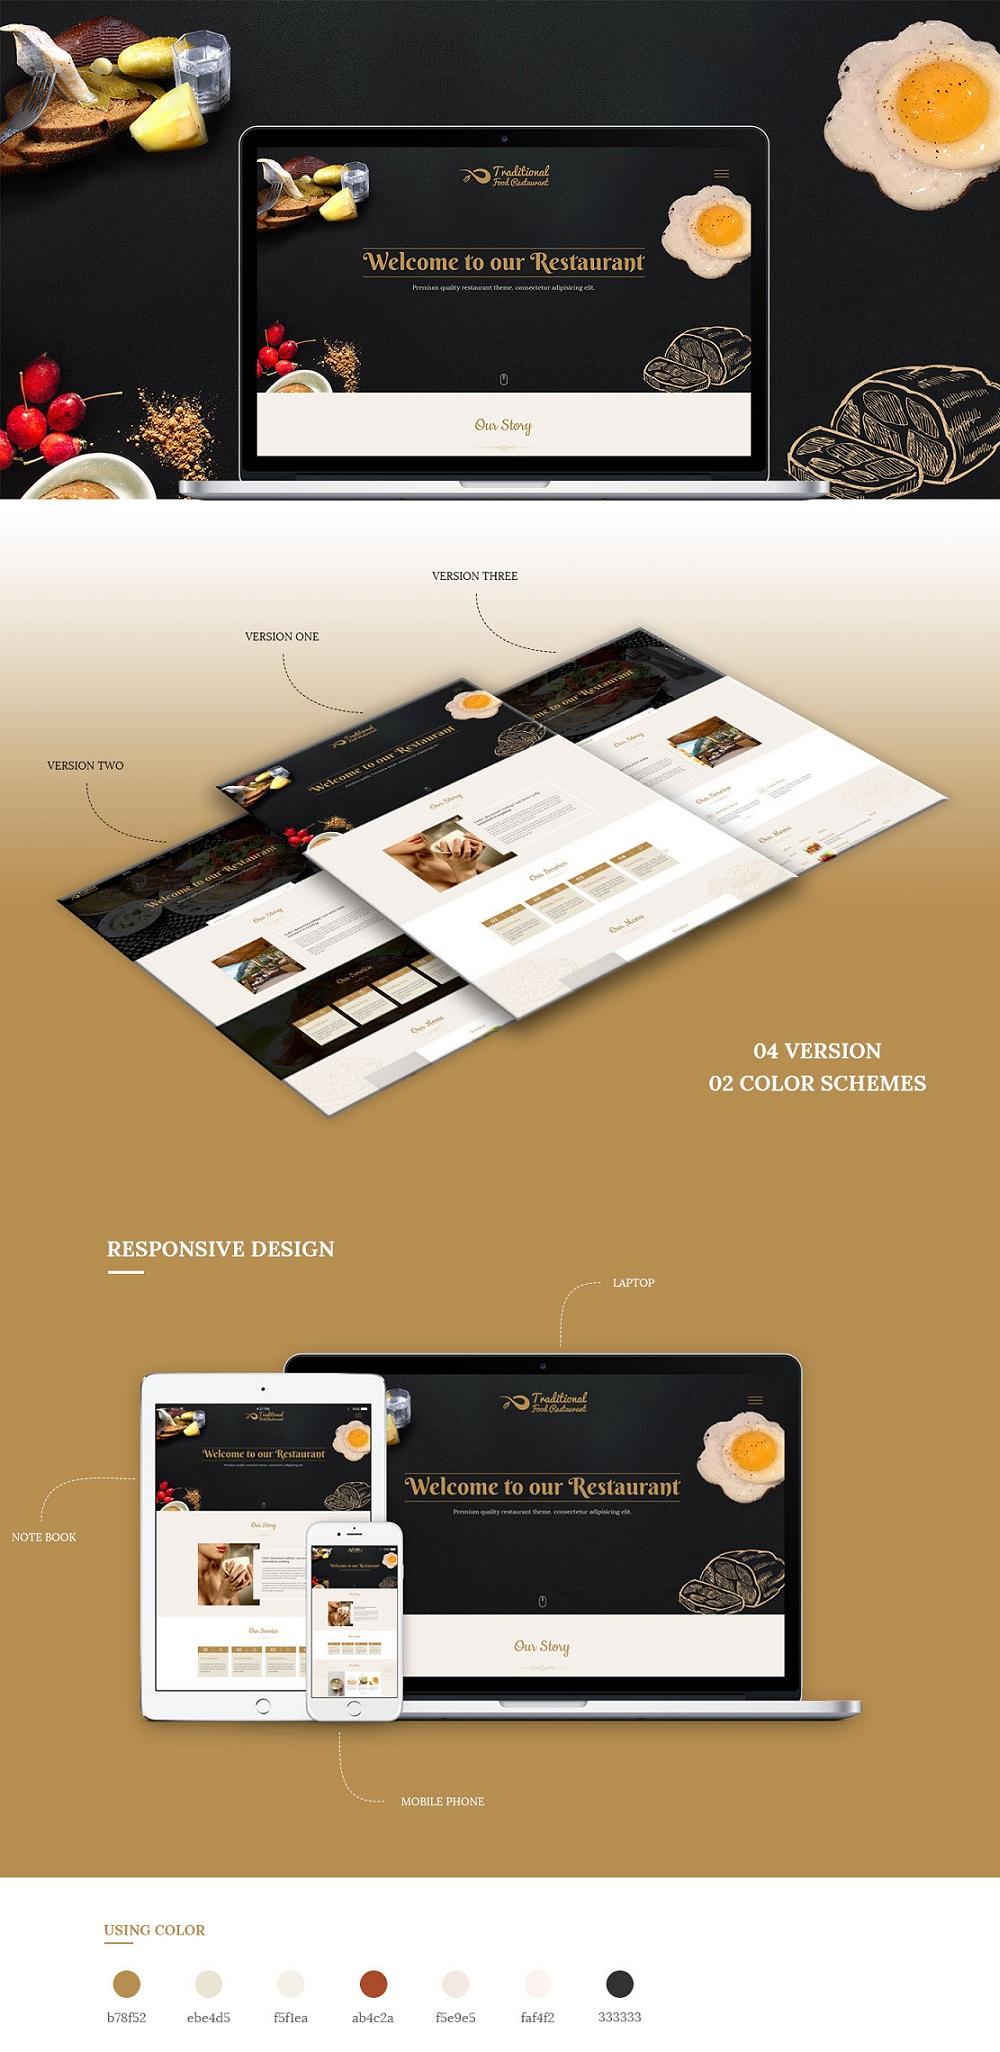 markalar için web sitesi tasarımı